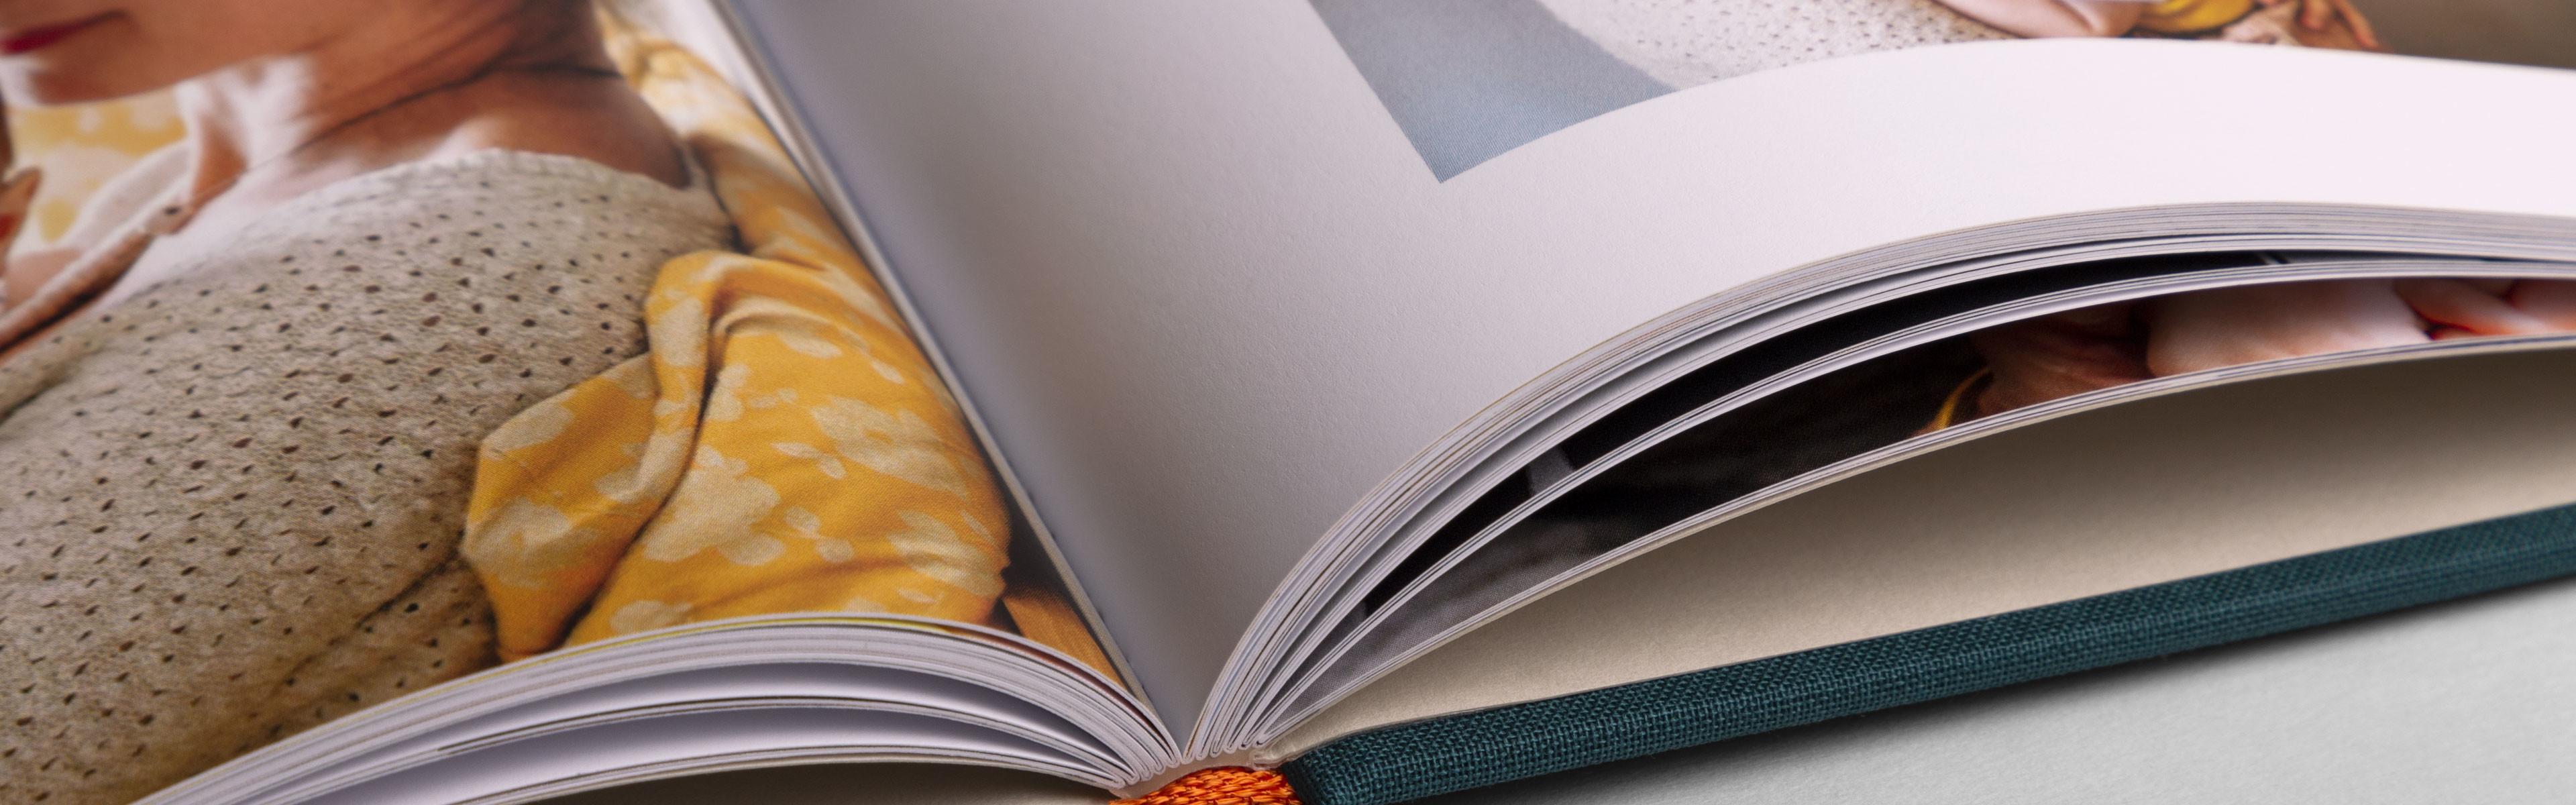 Créer album photo couverture tissu